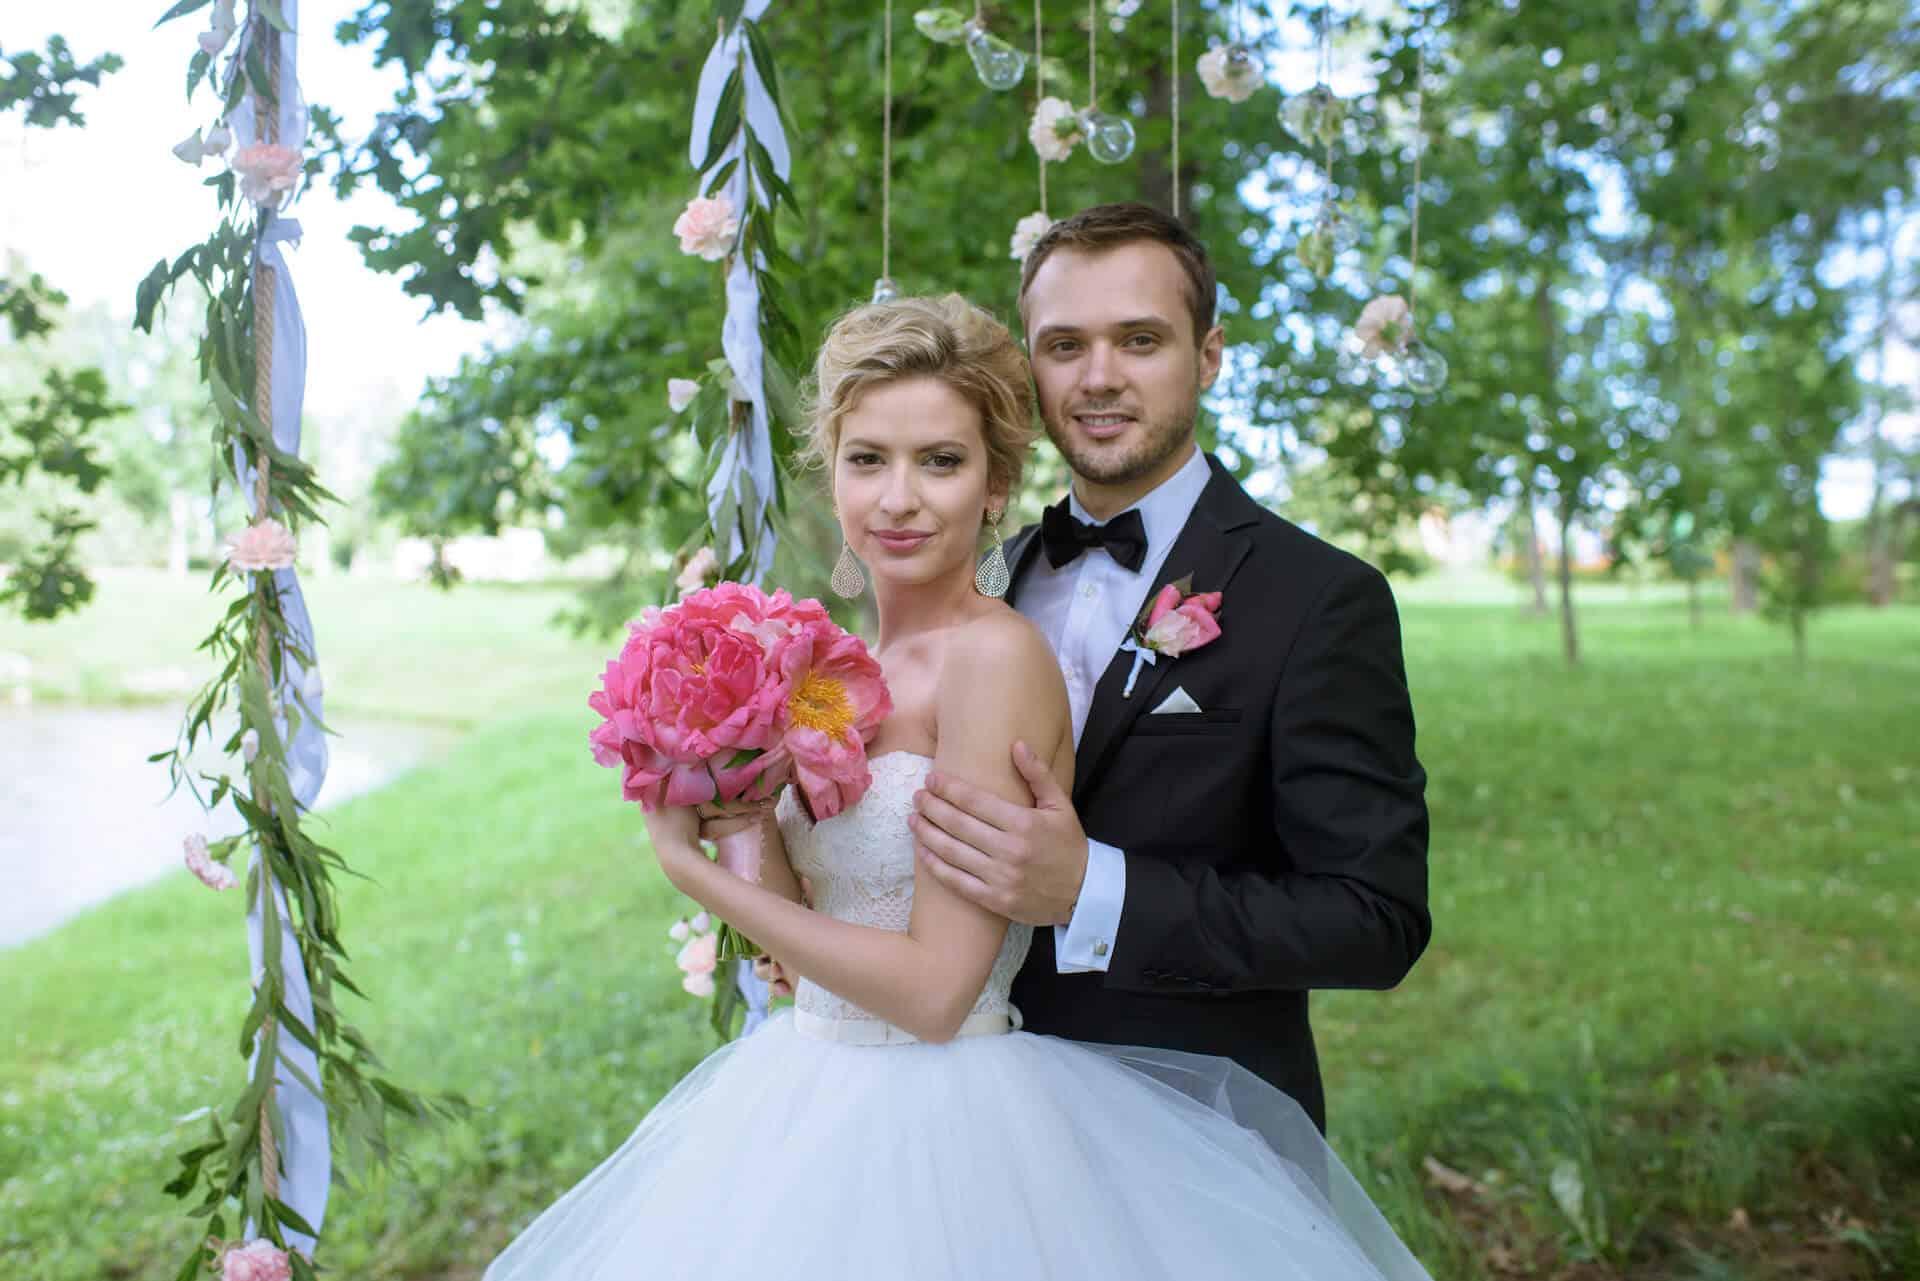 Svatební pár v přírodě, nevěsta s kyticí pivoněk